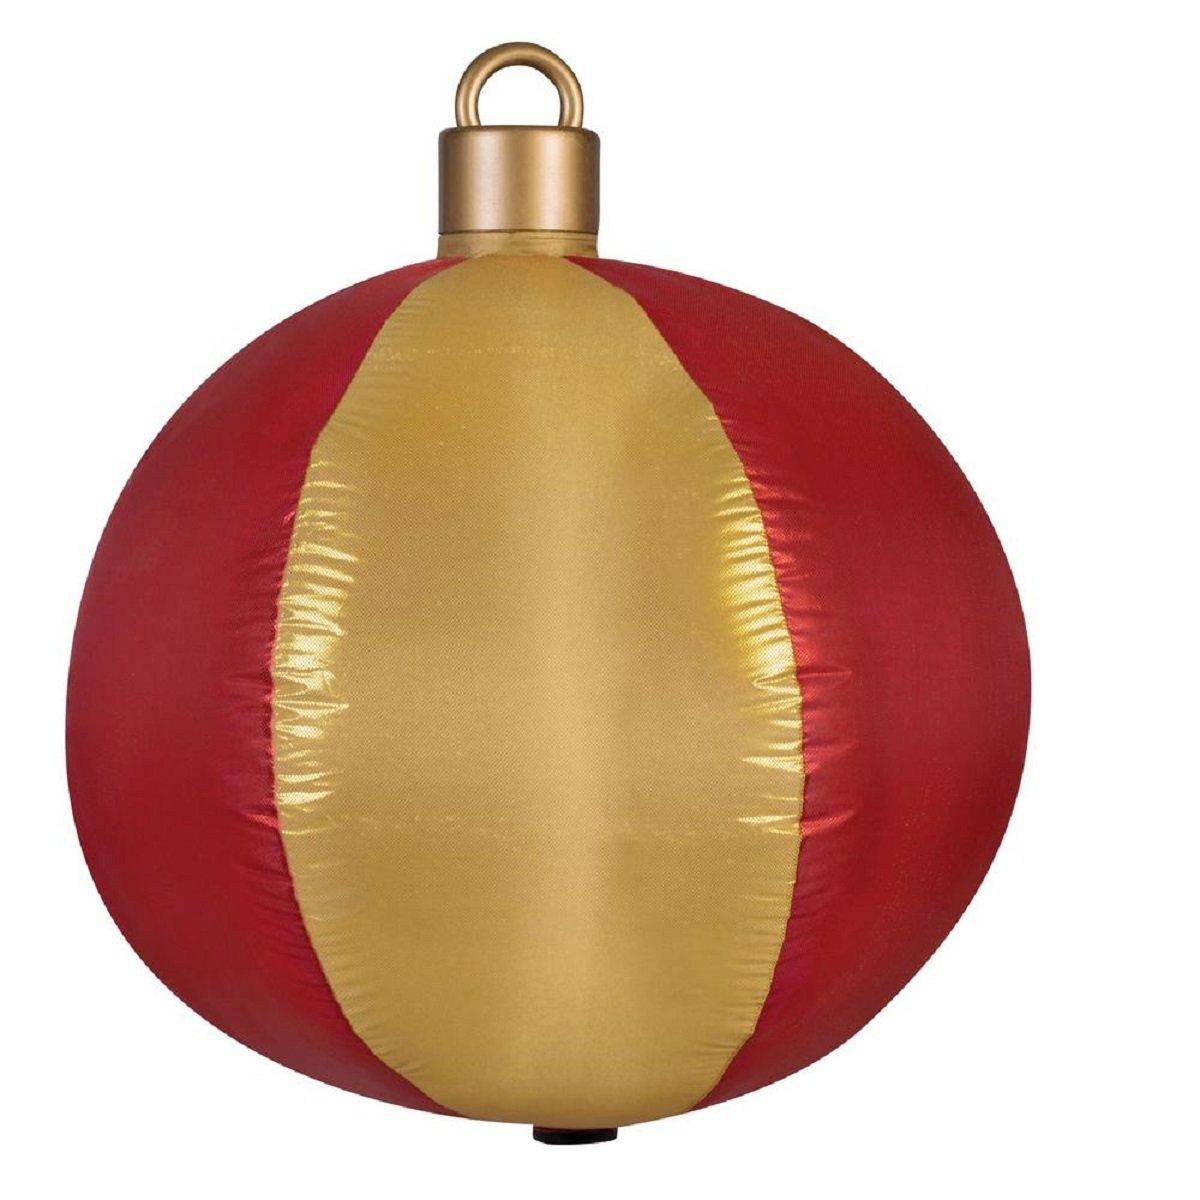 Amazon.com: Adorno para árbol de Navidad rojo y dorado ...